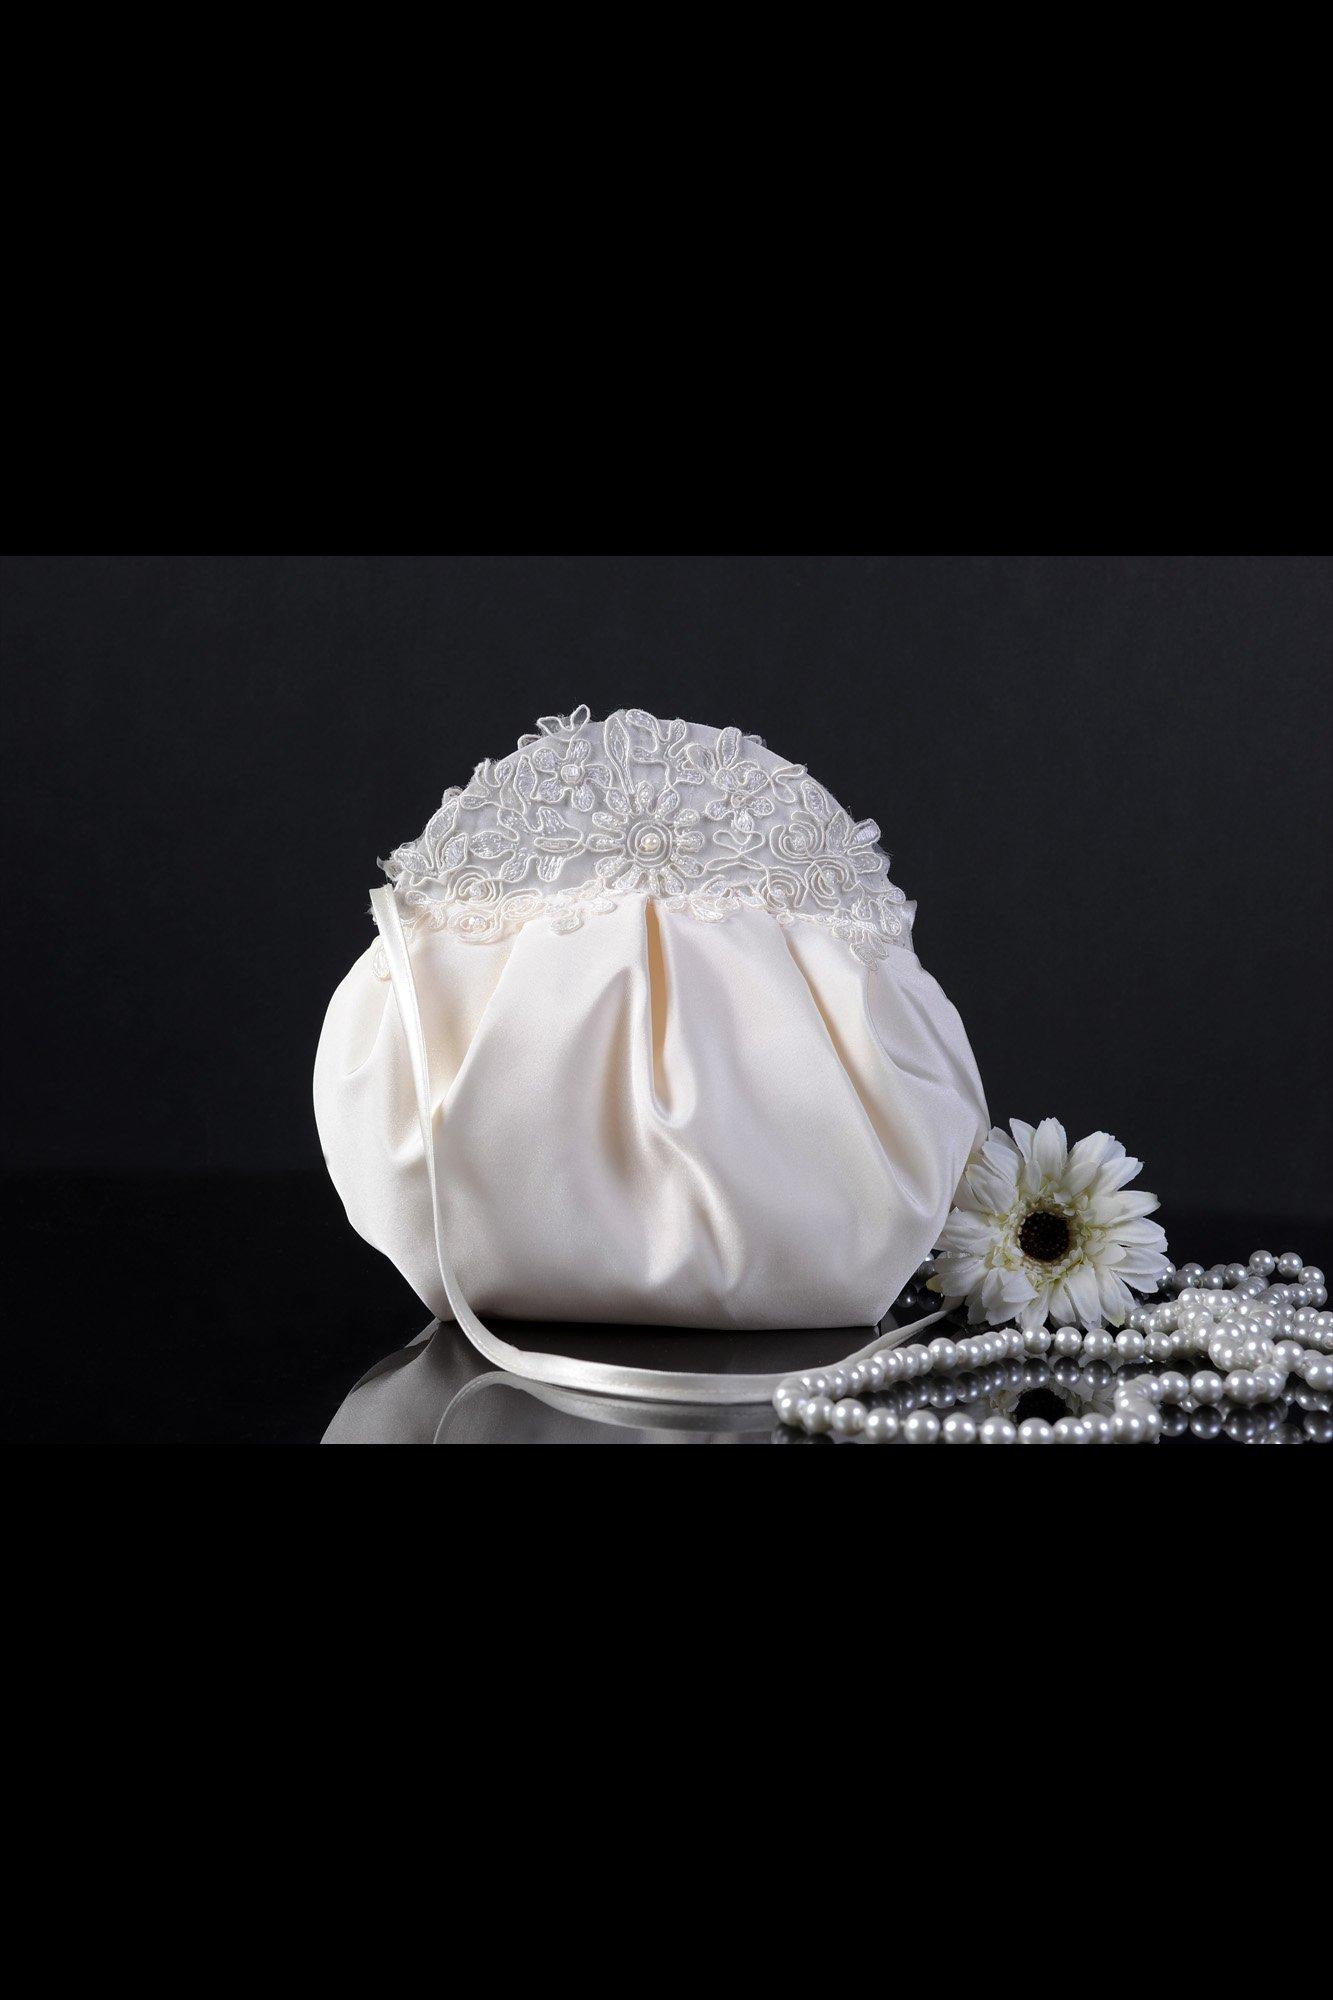 Элегантная свадебная сумочка из атласной ткани, украшенная сверху кружевной тканью.